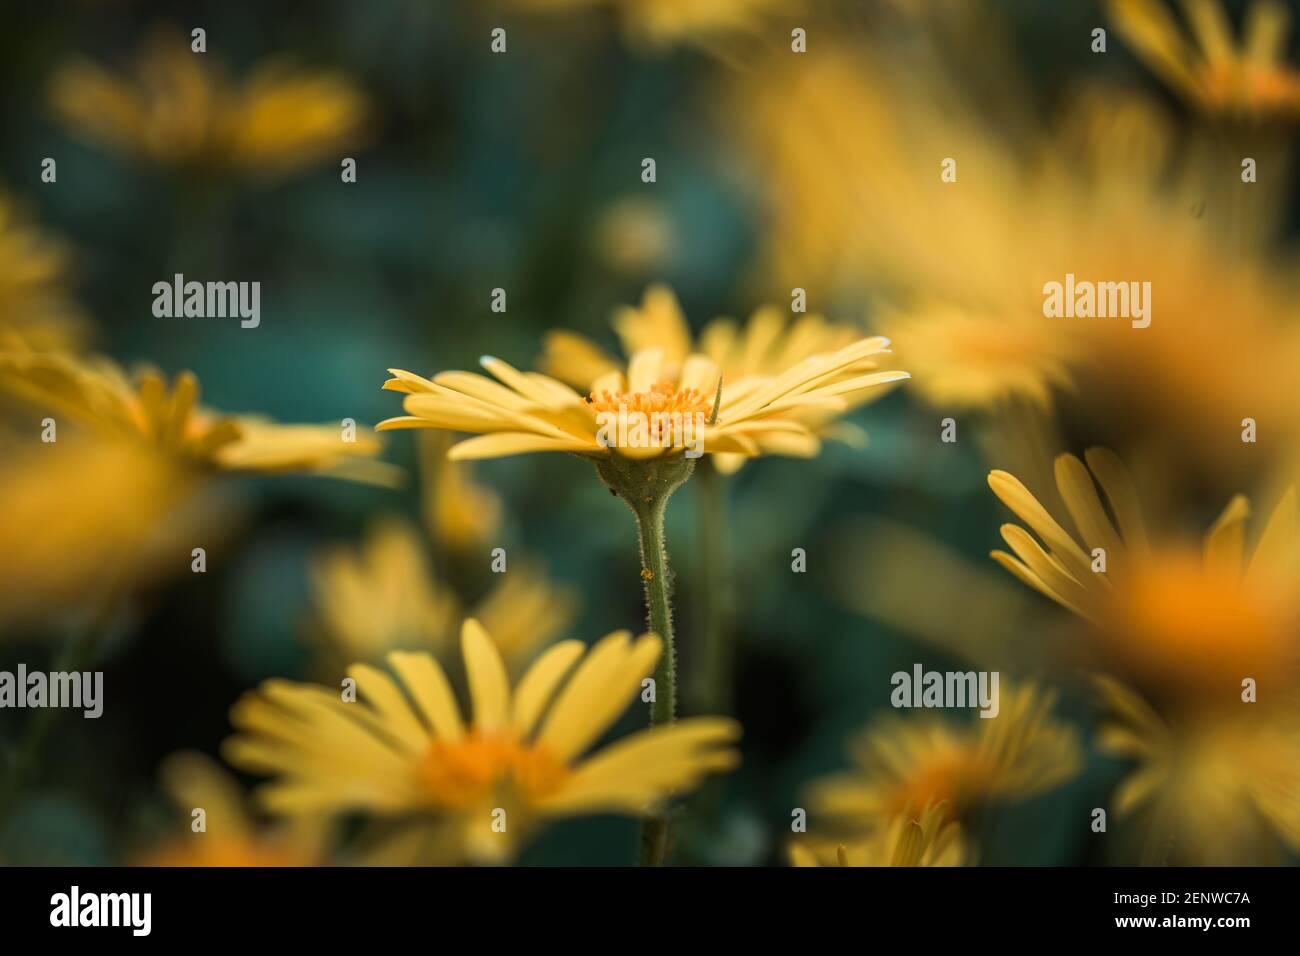 Doronicum orientale flor amarilla de cerca. También conocido como flores de leopardo. Daisy como la flor, moody fondo. Foto de stock